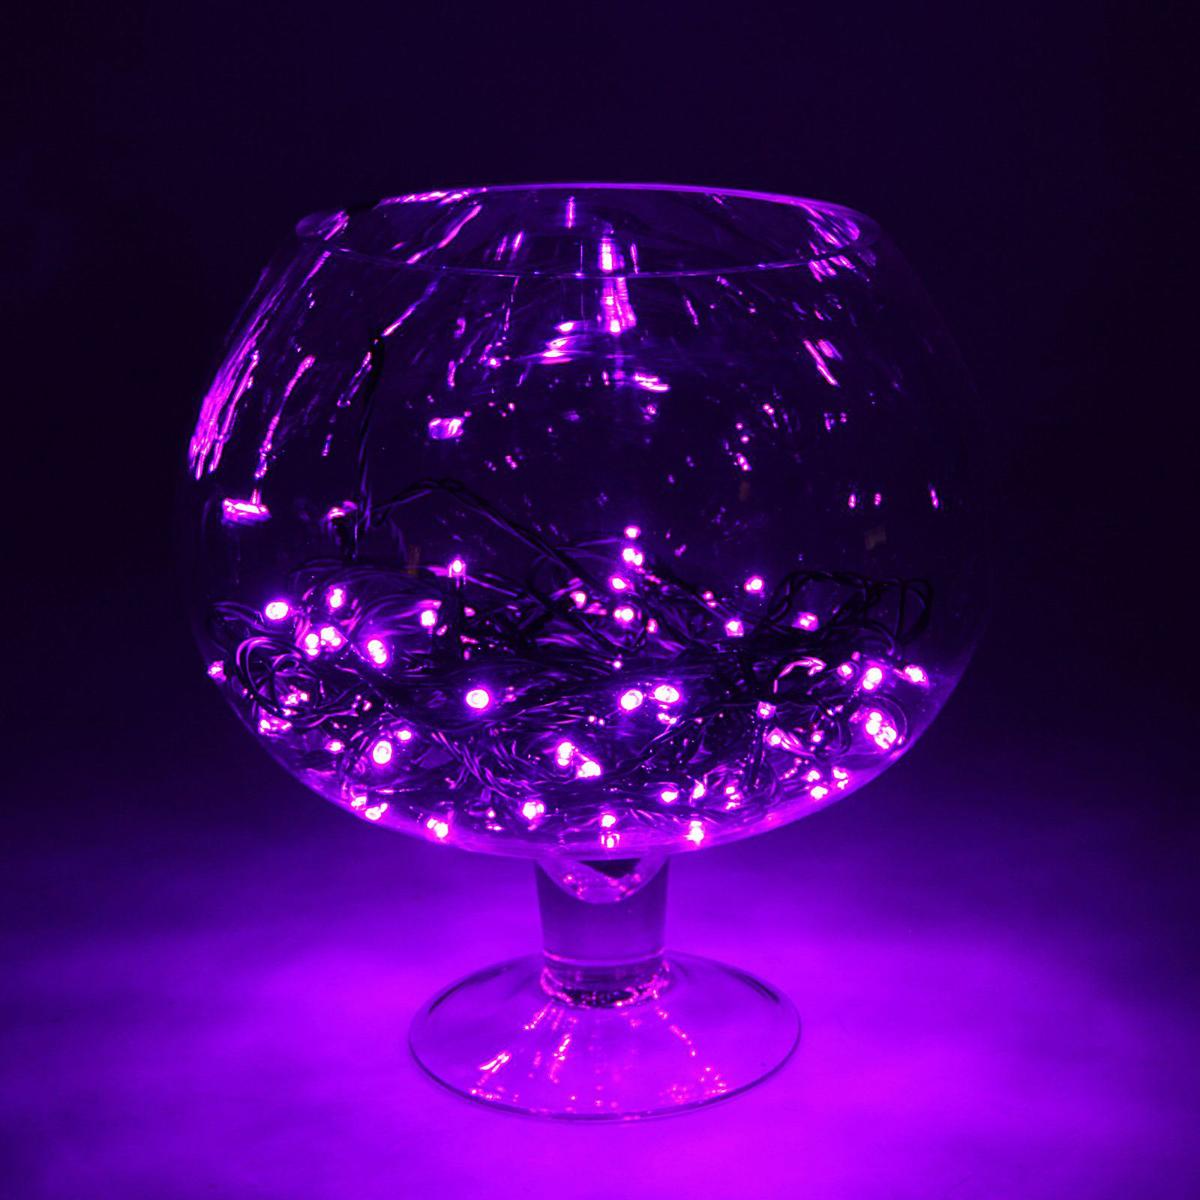 Гирлянда светодиодная Luazon Метраж, уличная, 100 ламп, 24 V, 10 м, цвет: фиолетовый. 15860061586006Светодиодные гирлянды, ленты и т.д. — это отличный вариант для новогоднего оформления интерьера или фасада. С их помощью помещение любого размера можно превратить в праздничный зал, а внешние элементы зданий, украшенные ими, мгновенно станут напоминать очертания сказочного дворца. Такие украшения создают ауру предвкушения чуда. Деревья, фасады, витрины, окна и арки будто специально созданы, чтобы вы украсили их светящимися нитями.